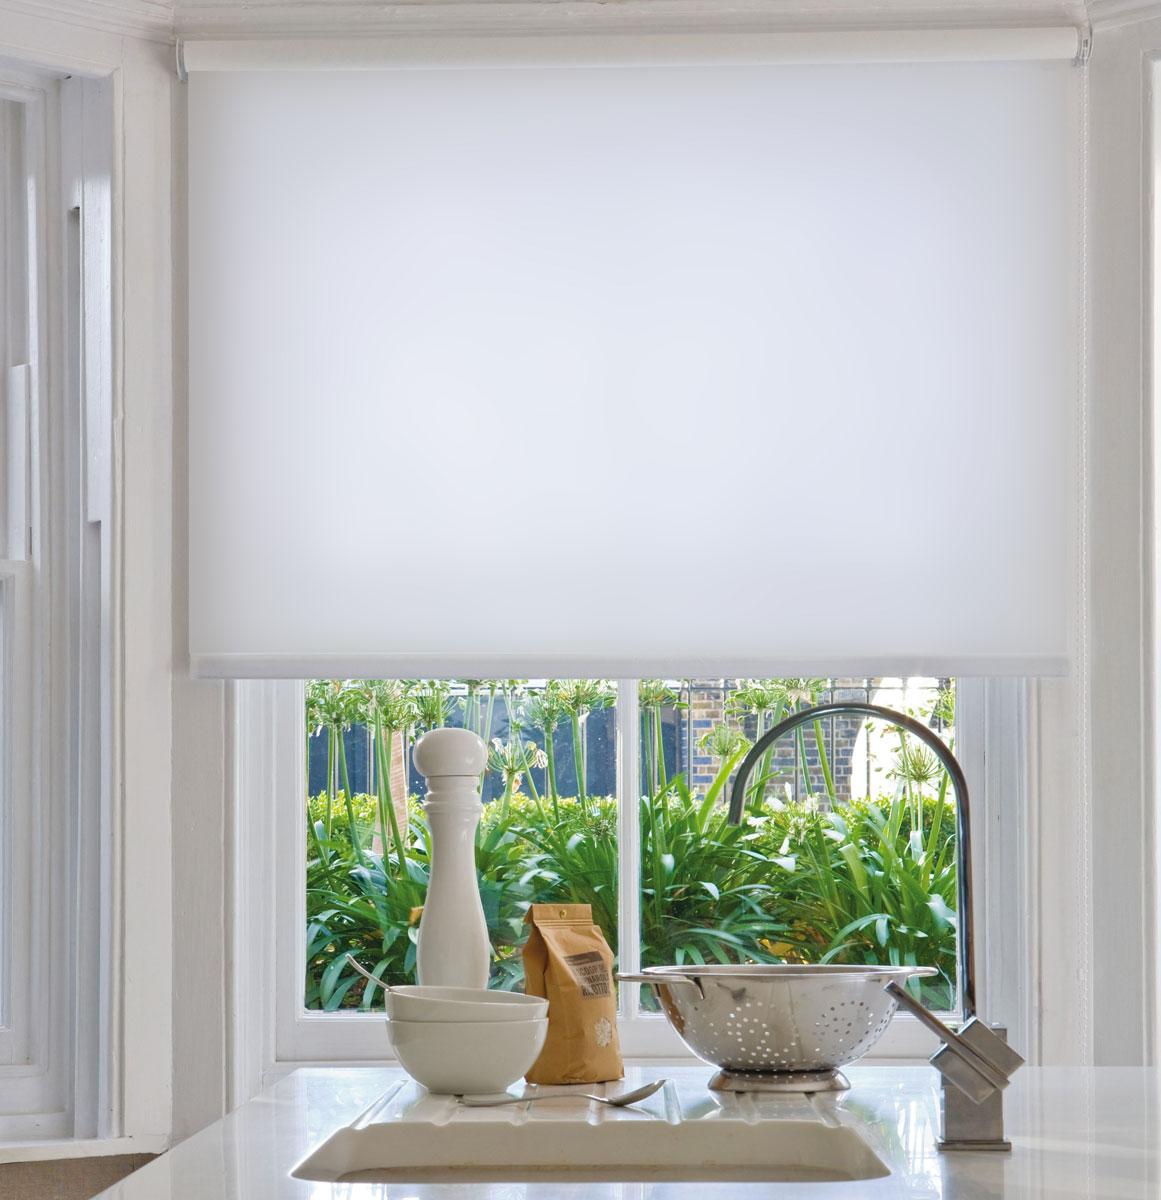 Миниролло KauffOrt 48х170 см, светонепроницаемая, цвет: белый